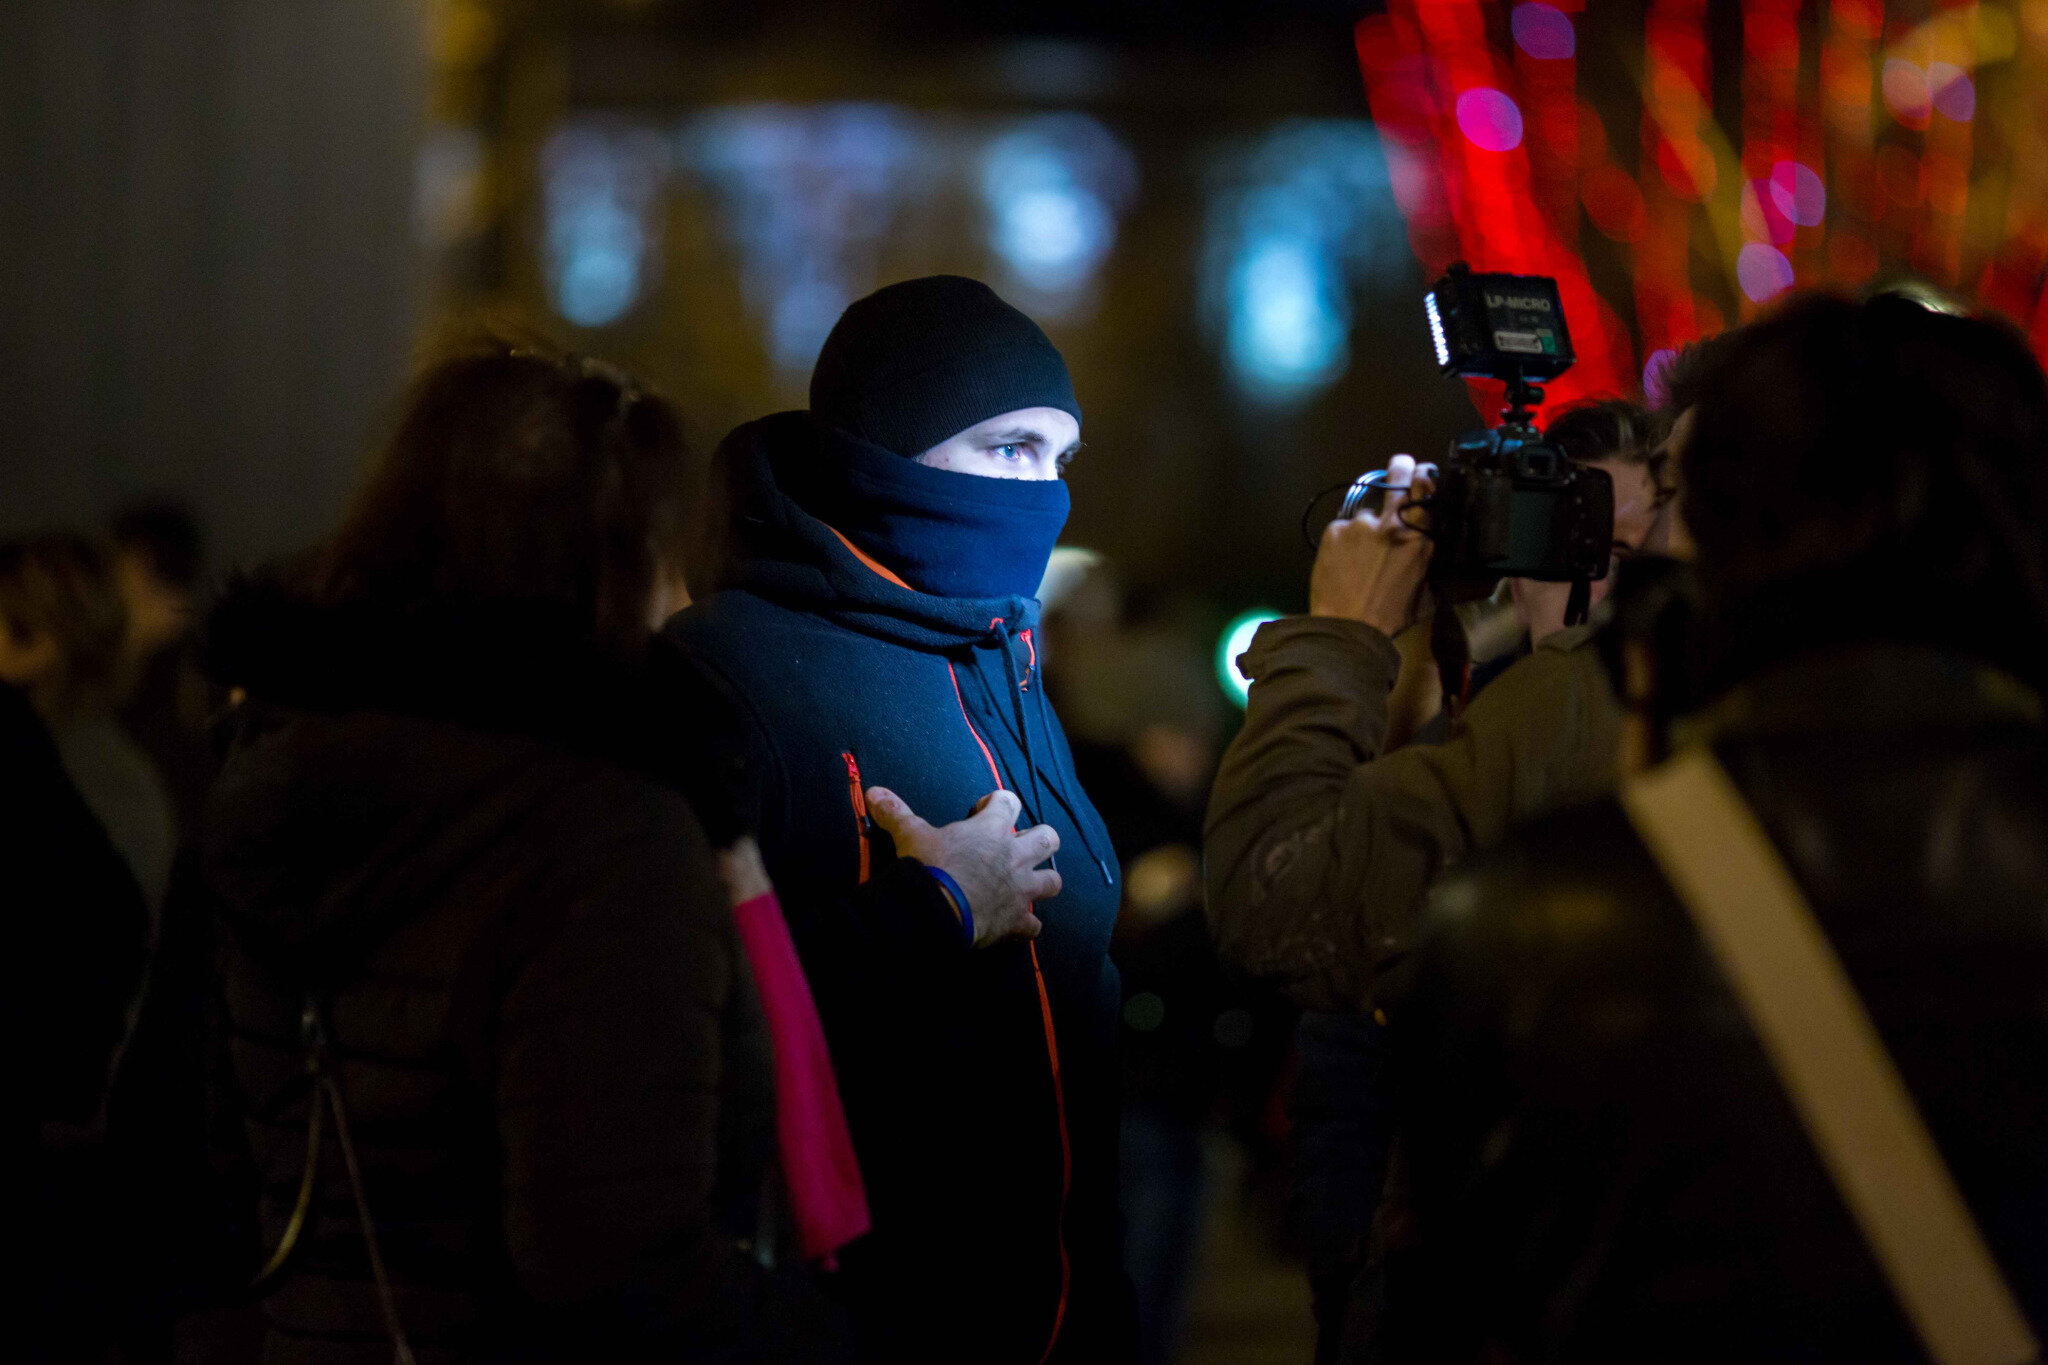 Les « gyros bleus » sur les Champs-Élysées. © Michel Stoupak. Jeu 20.12.2018, 21h32m58.